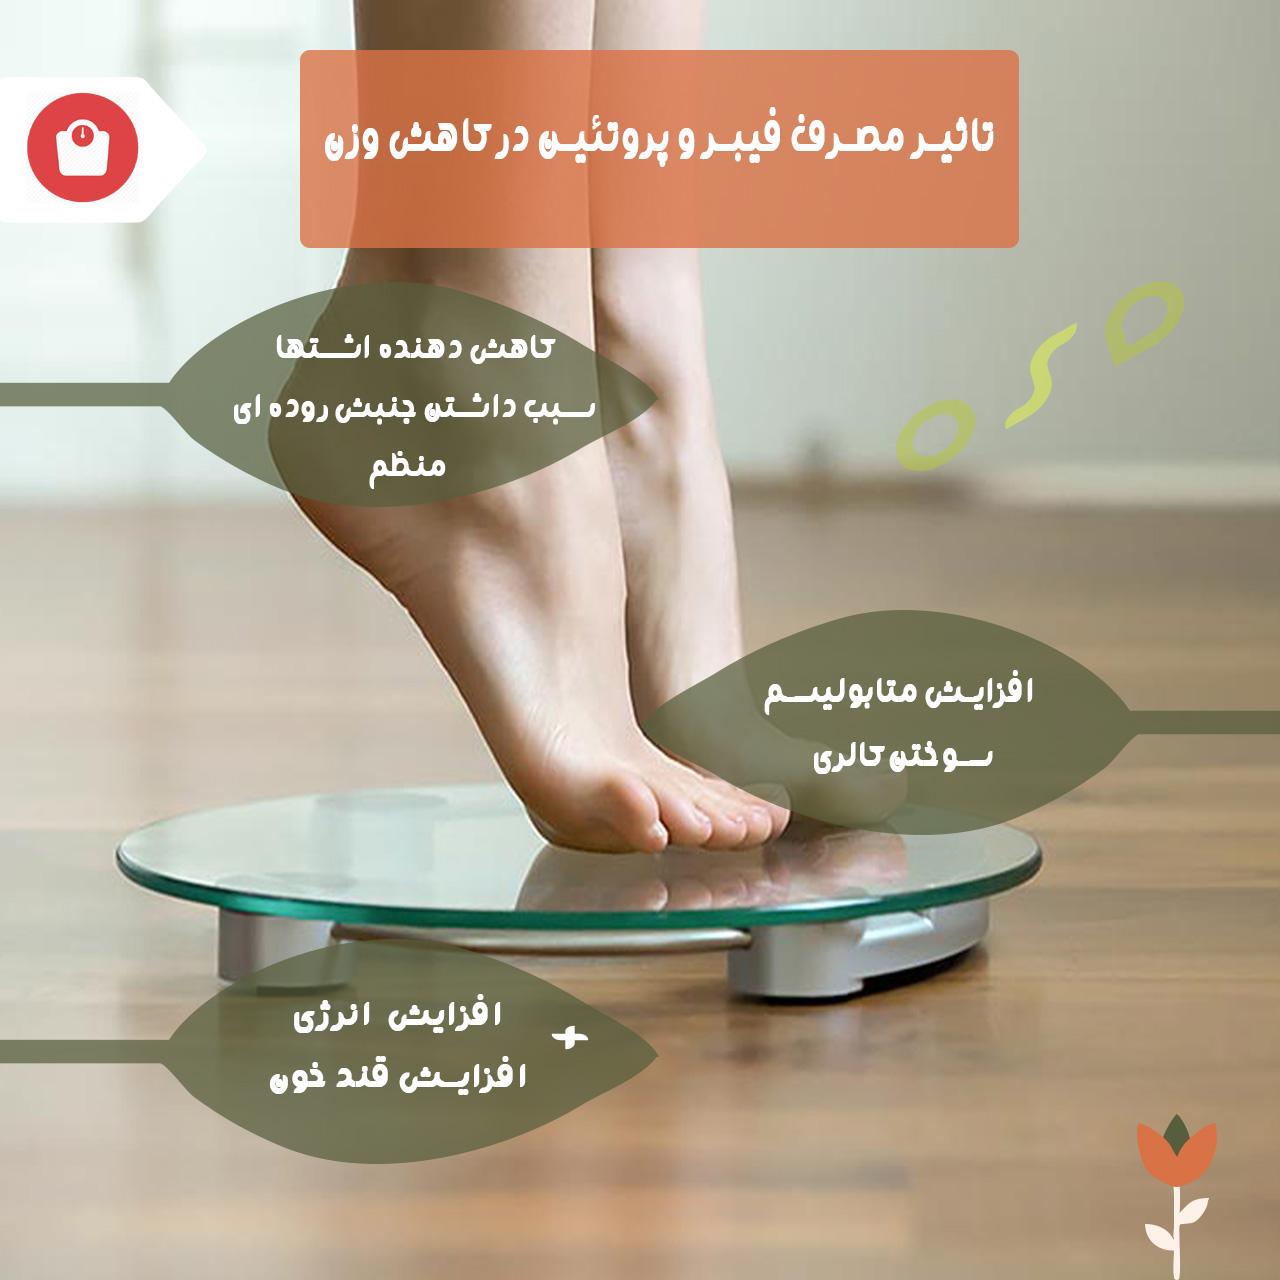 تاثیرات مصرف فیبر و پروتئین در کاهش وزن